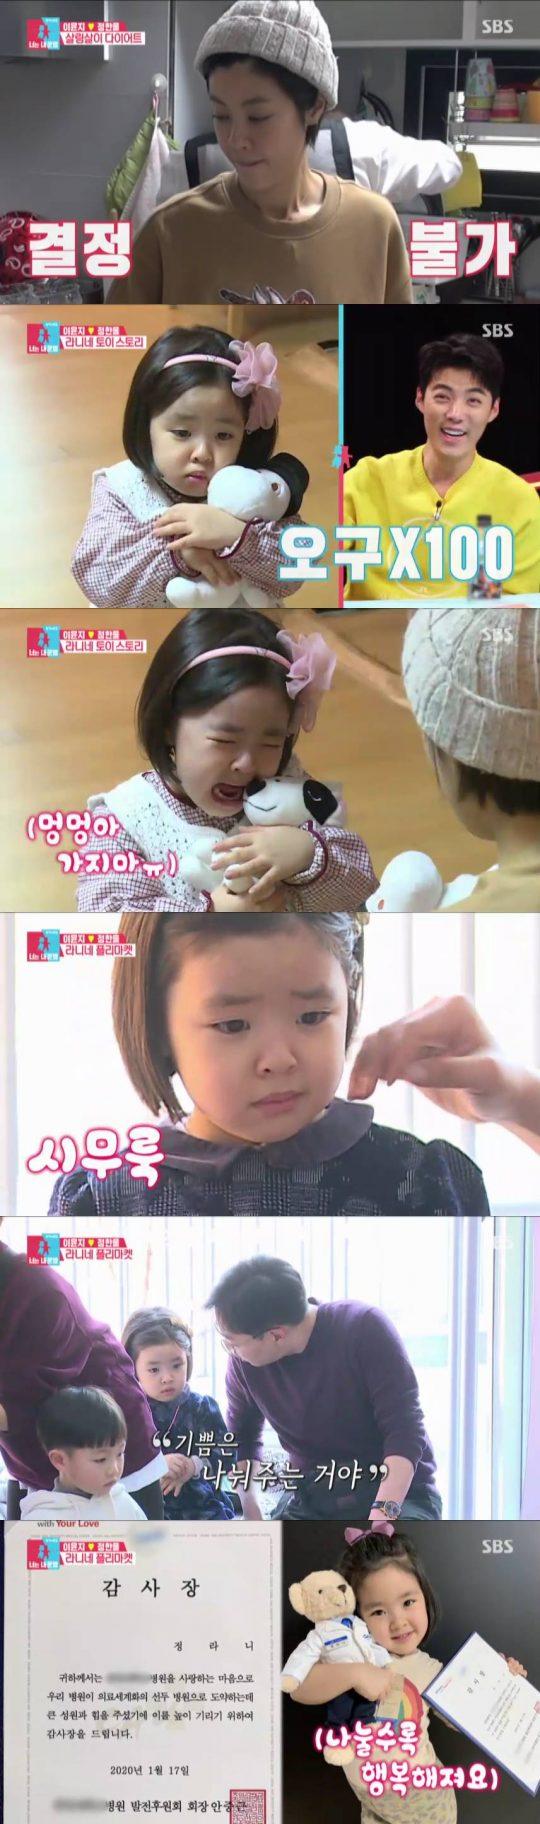 플리마켓에 참여한 '동상이몽2' 이윤지·정한울 가족. /사진제공=SBS